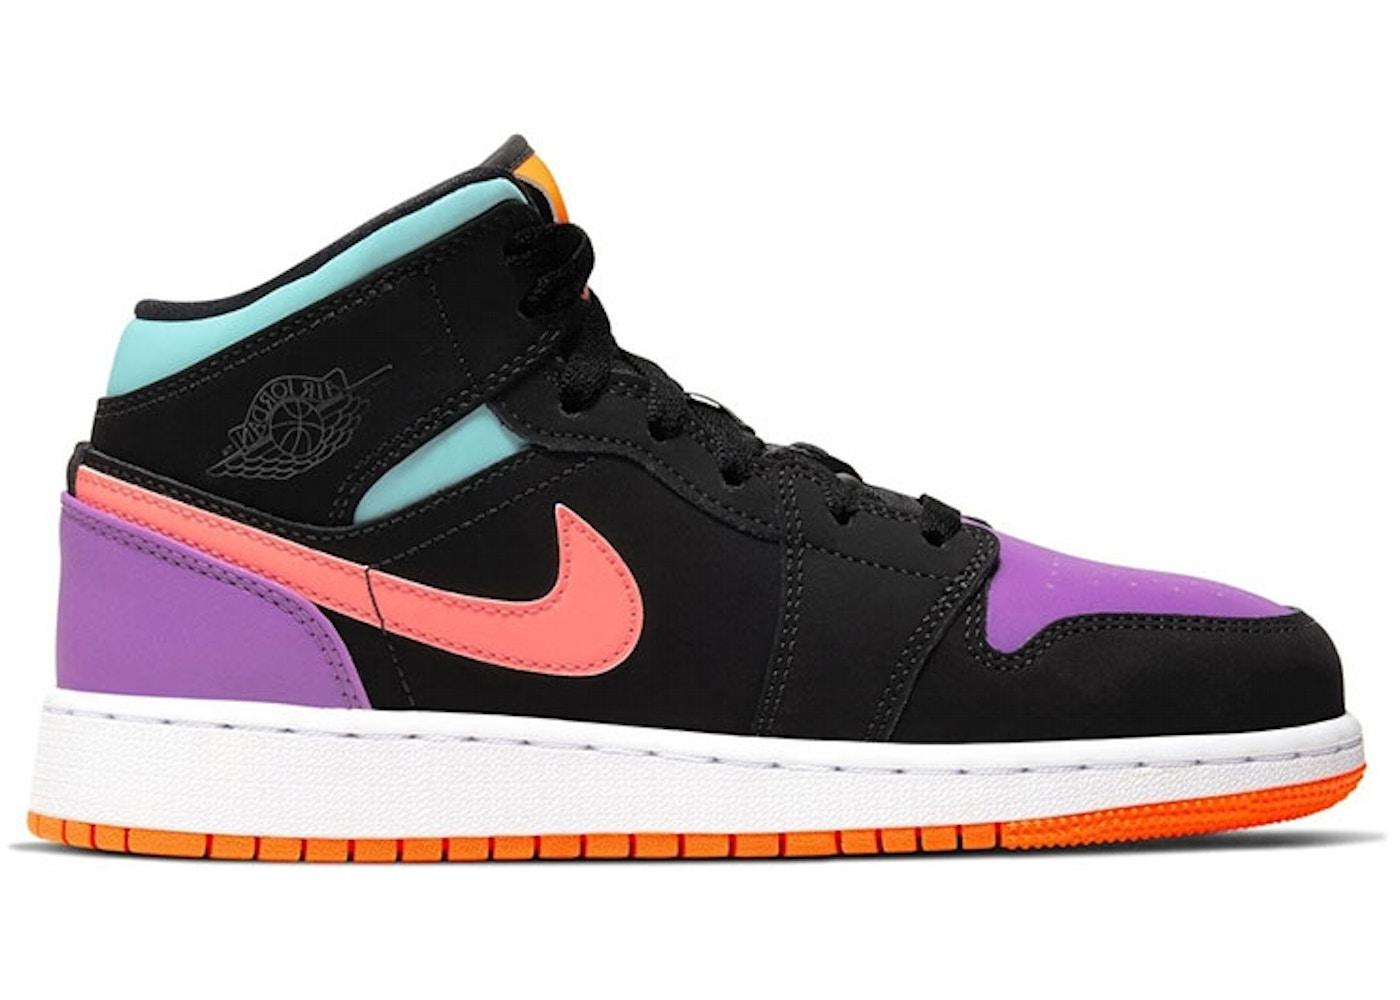 przemyślenia na temat Darmowa dostawa najniższa zniżka Air Jordan 1 Shoes - Release Date